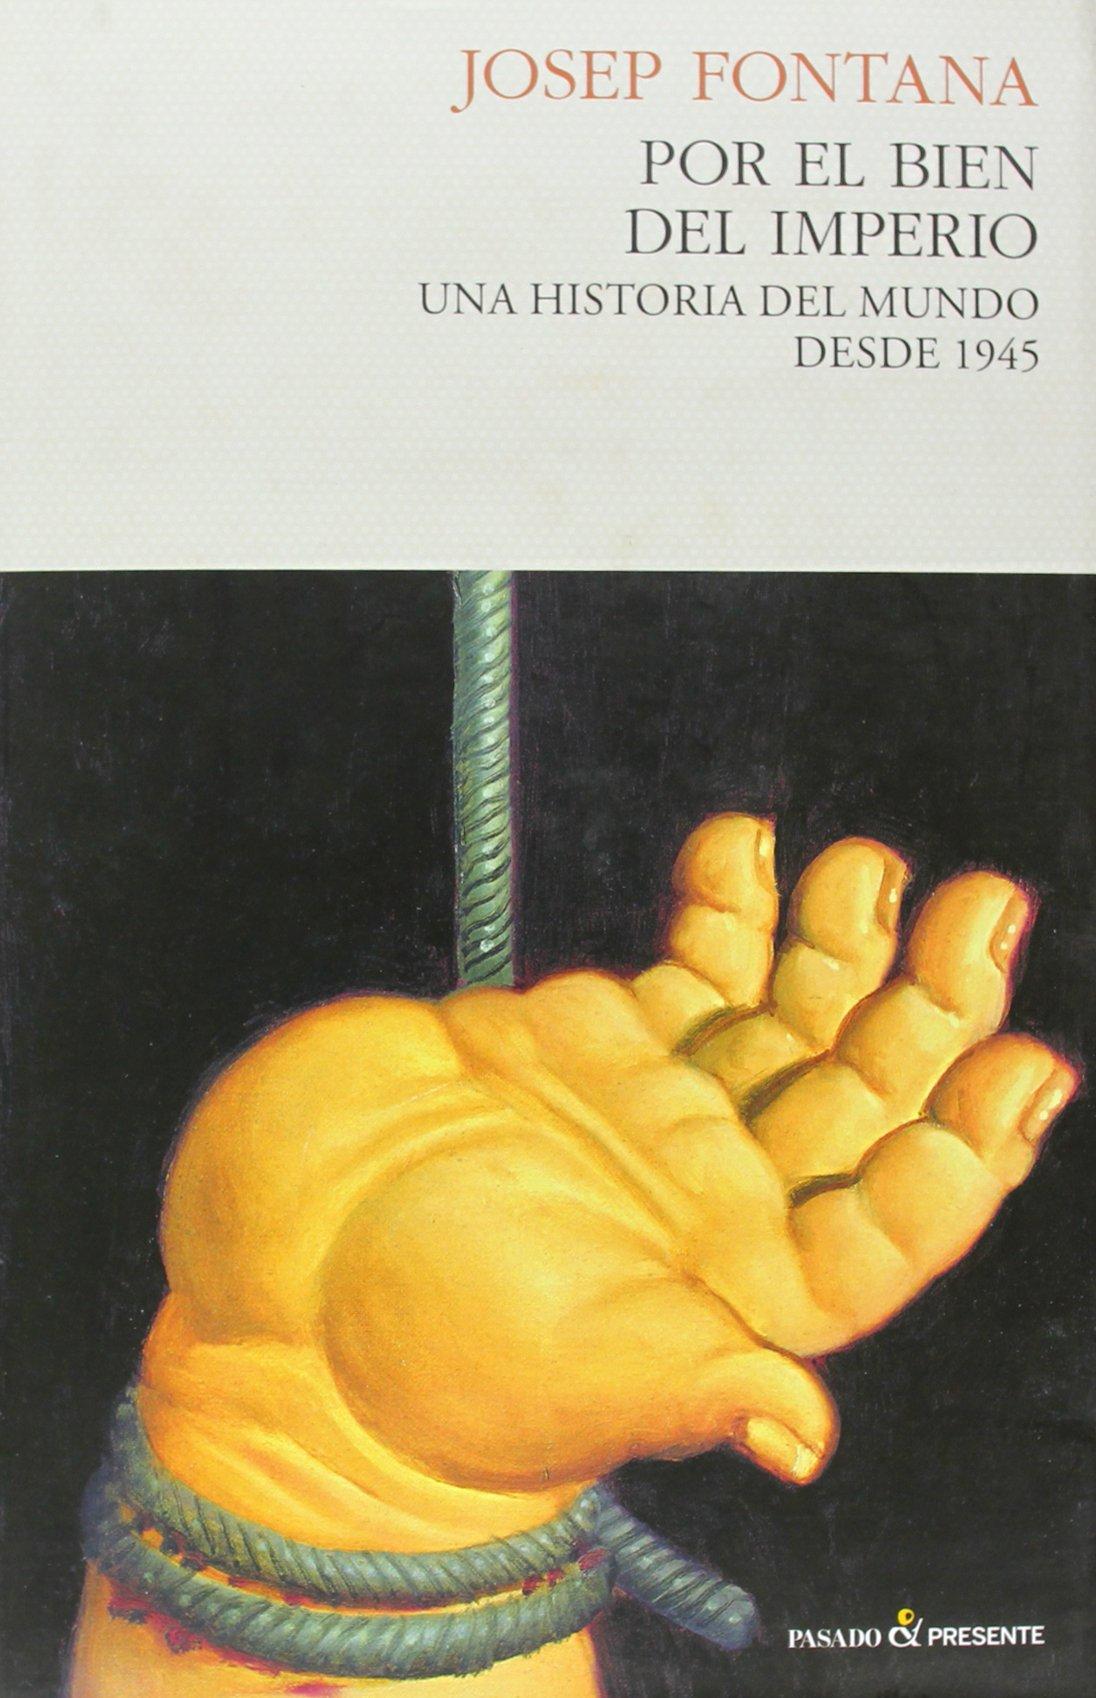 Por el bien del imperio: Una historia del mundo desde 1945 Historia pasado: Amazon.es: Fontana, Josep: Libros